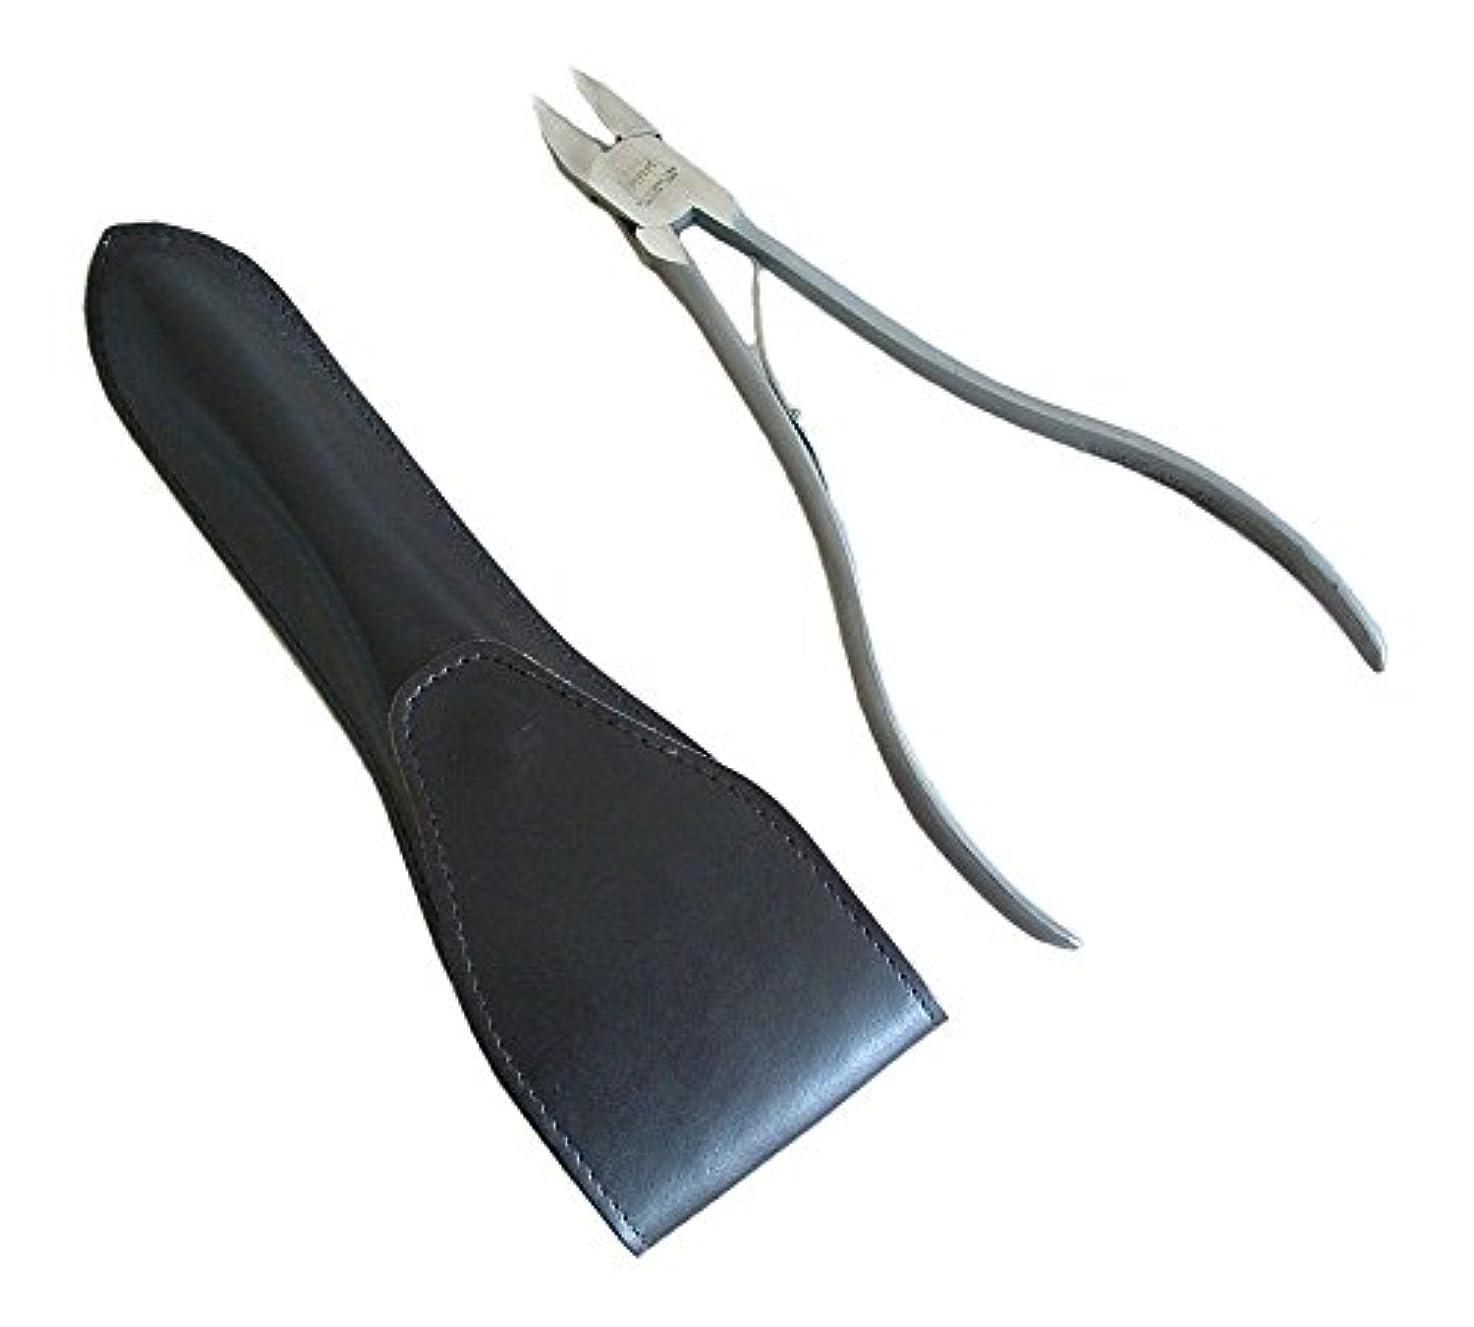 アーネストシャクルトン音節結婚式タナカマイスター ロングニッパー型爪切り(レザーケース入り)